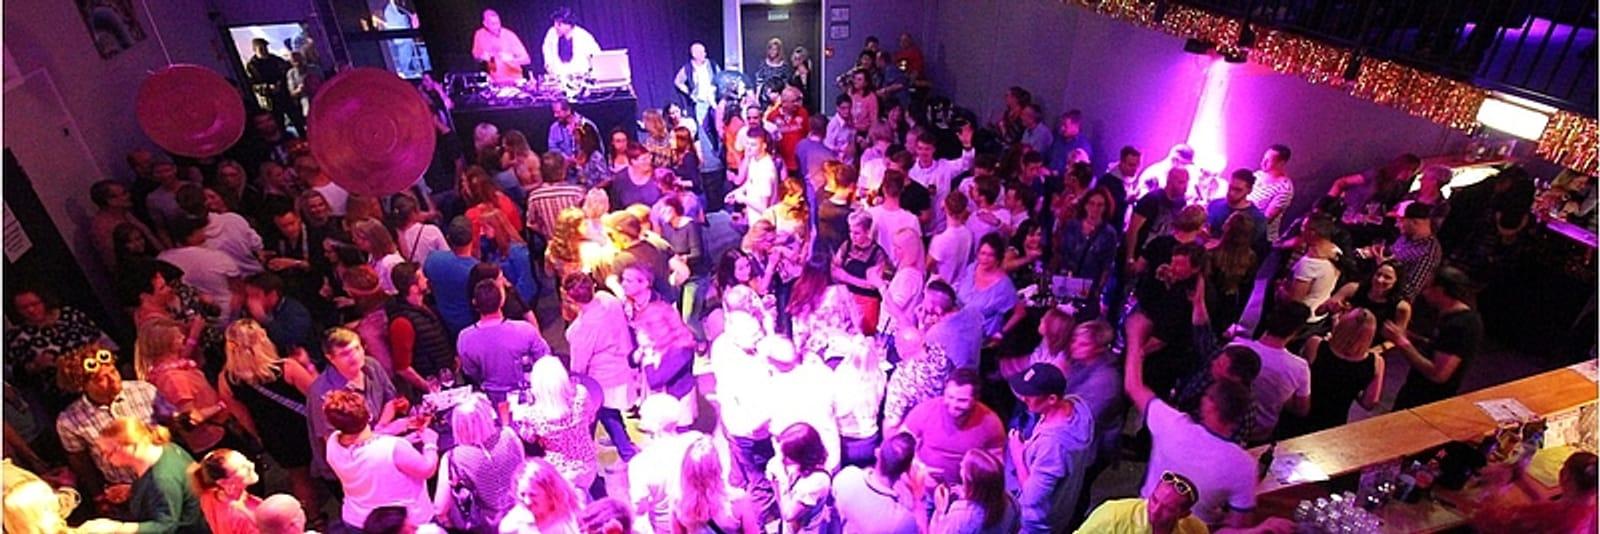 Ü30 Sommer Party Ellhofen